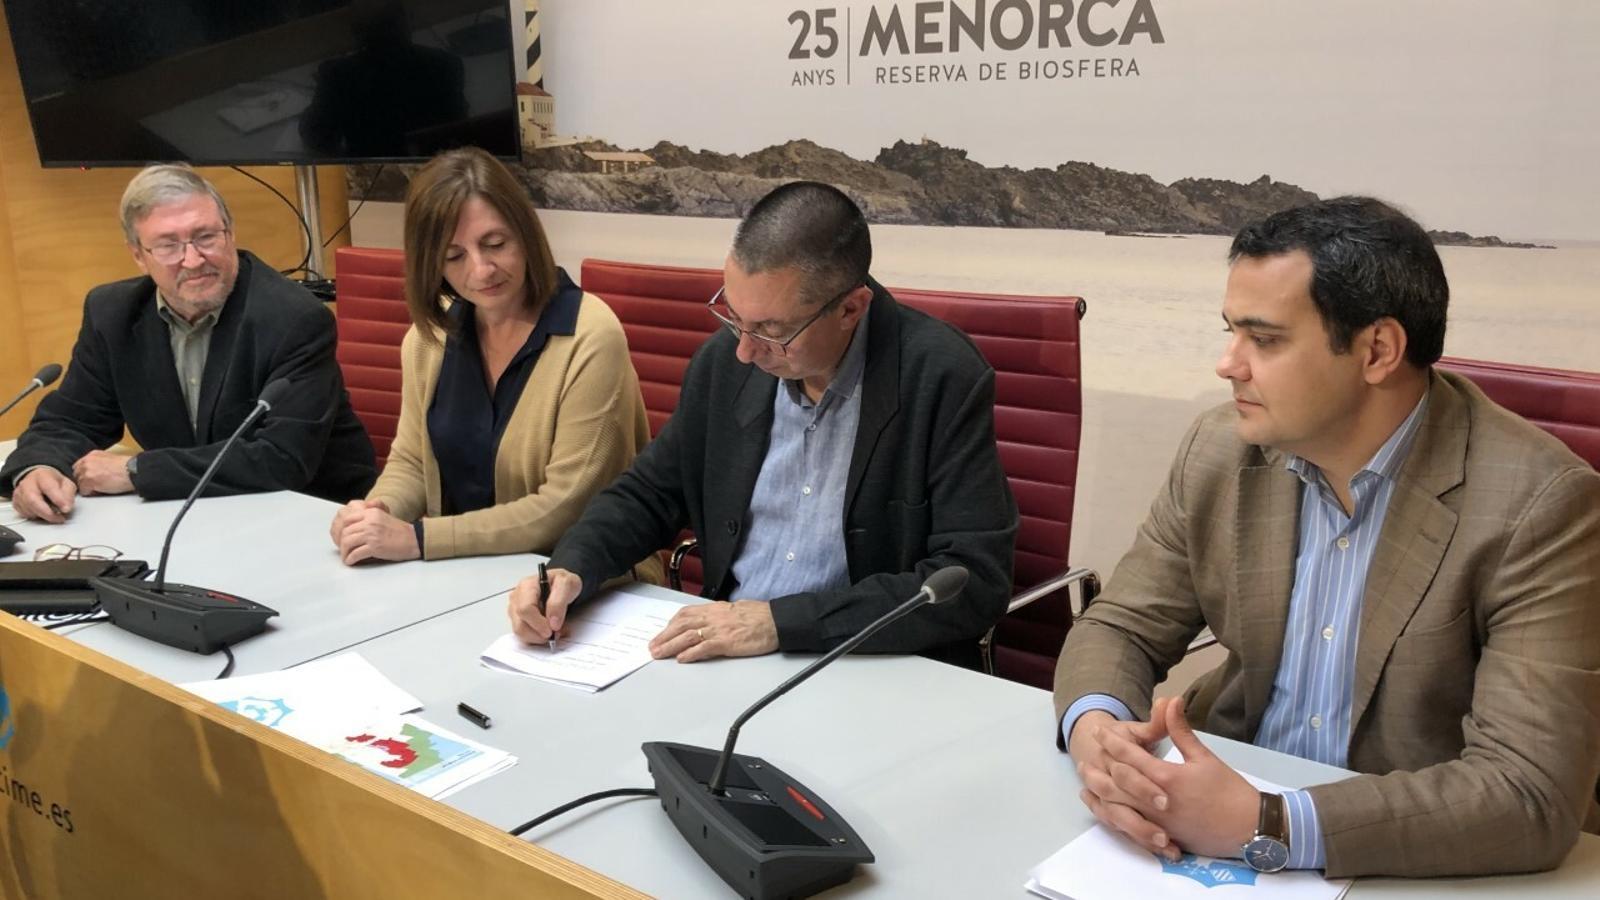 Institució, associació cultura i empresa promotora han presentat l'acord per Son Salomó.